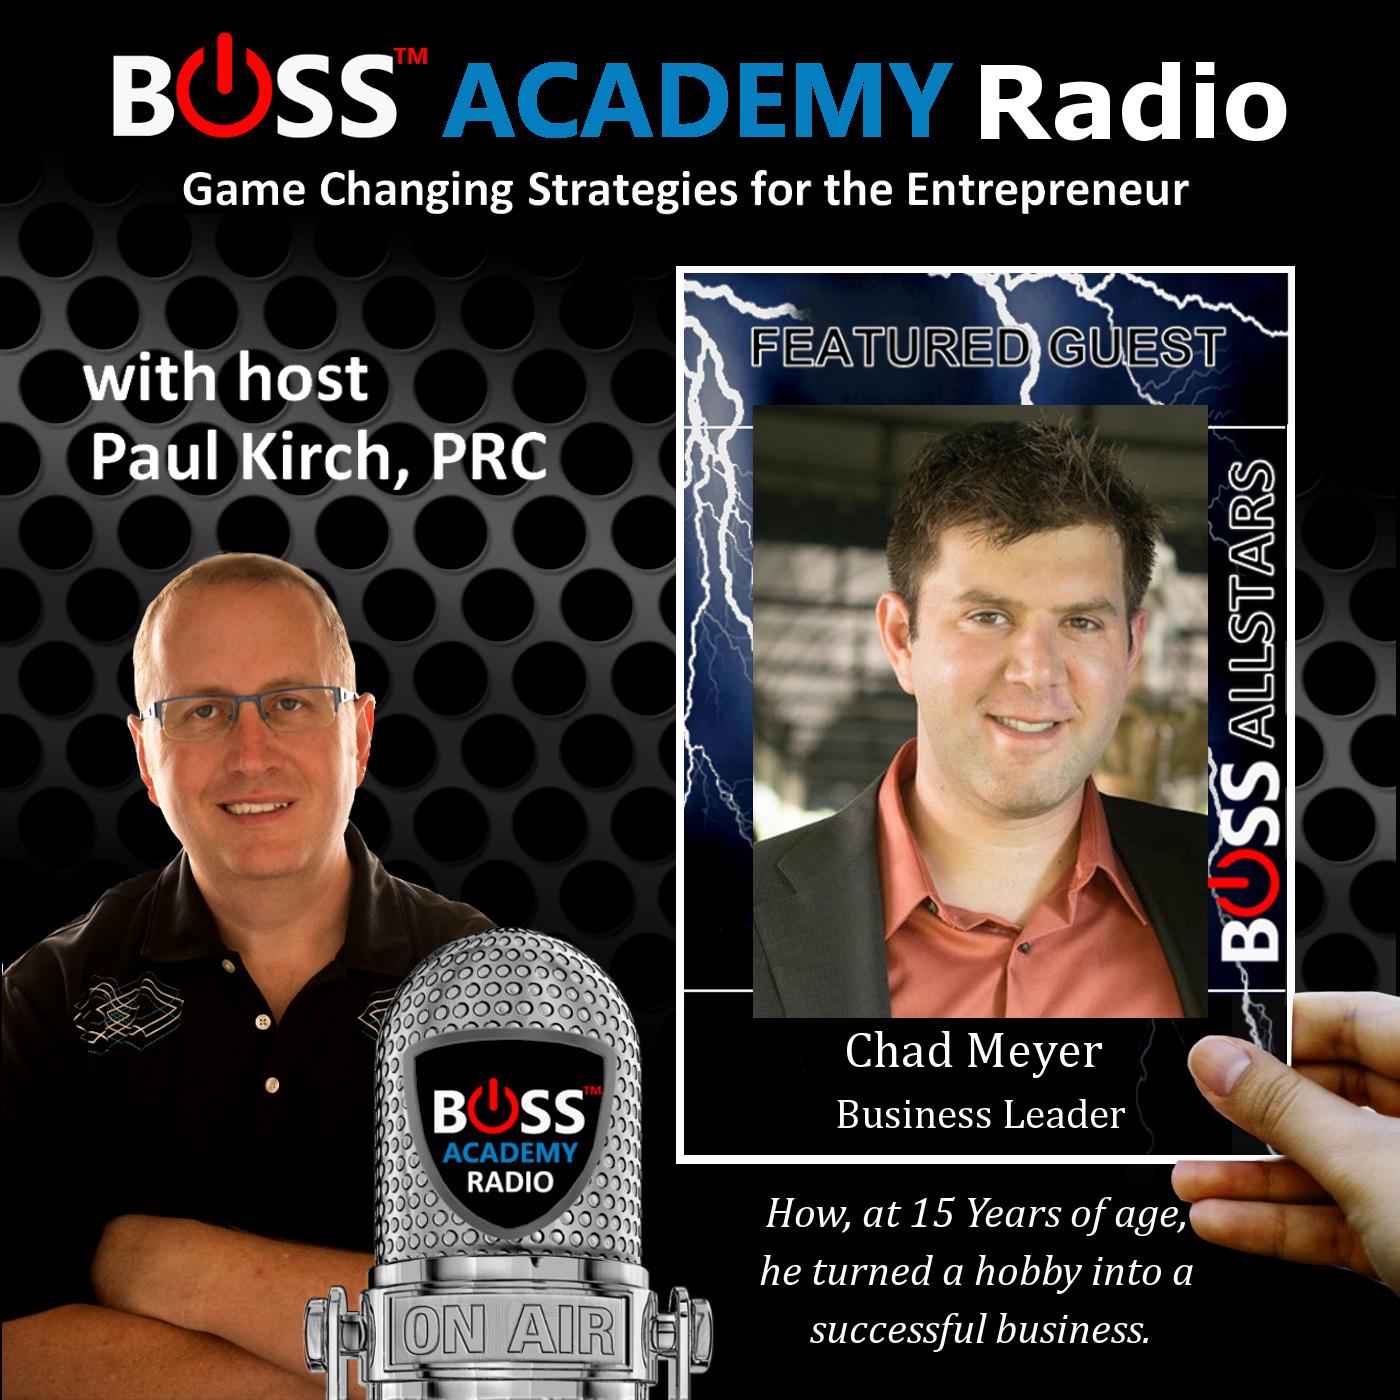 Chad Meyer Boss Academy Radio